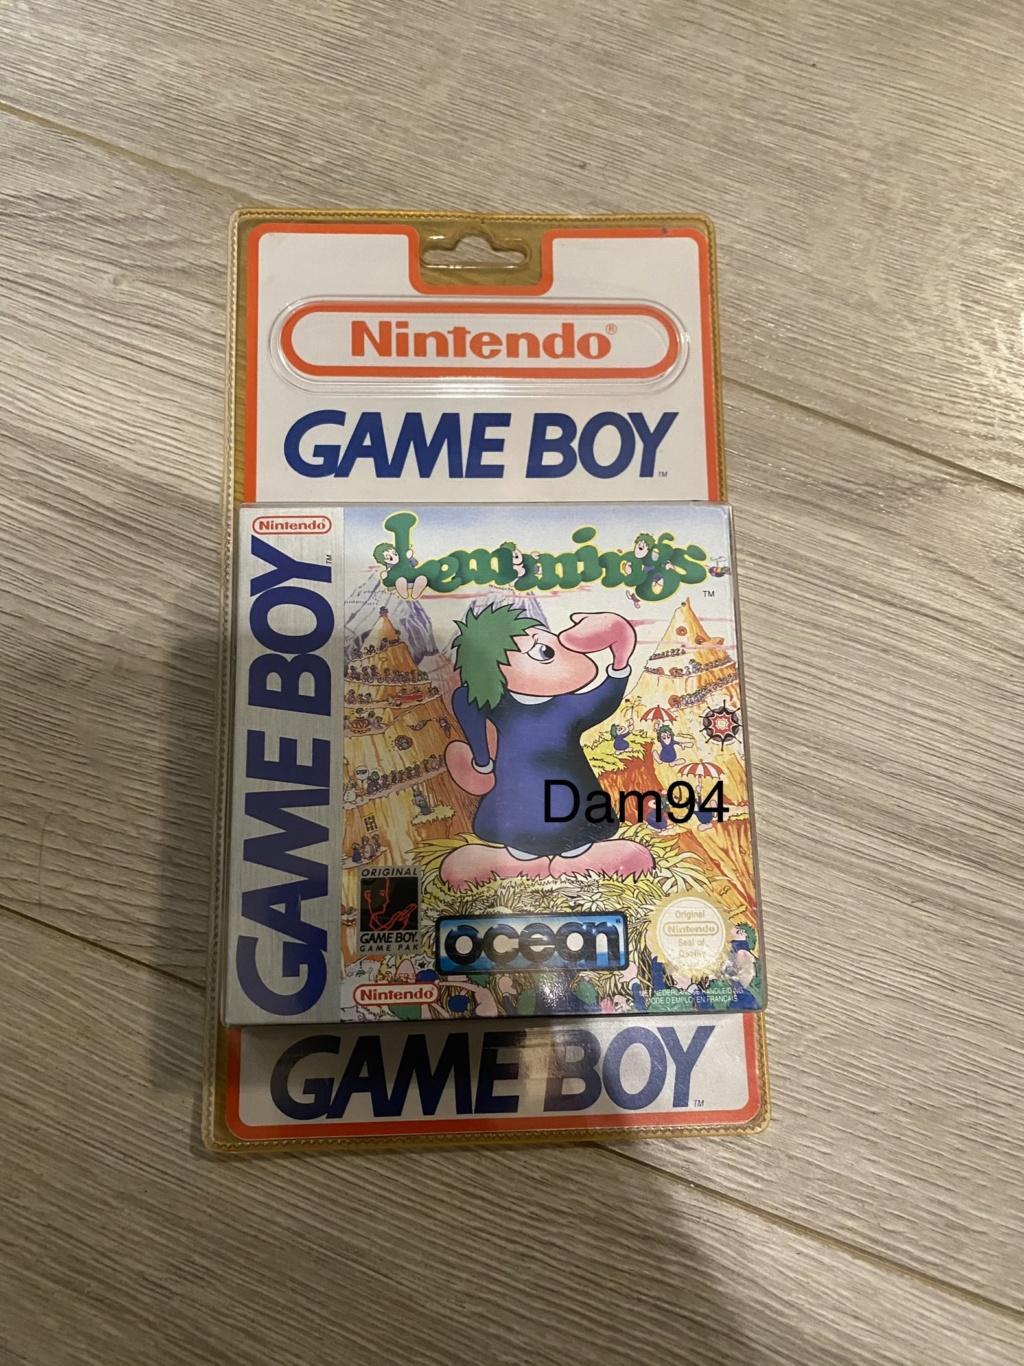 Collection Blisters Rigides Game Boy - Page 2 De4d0b10